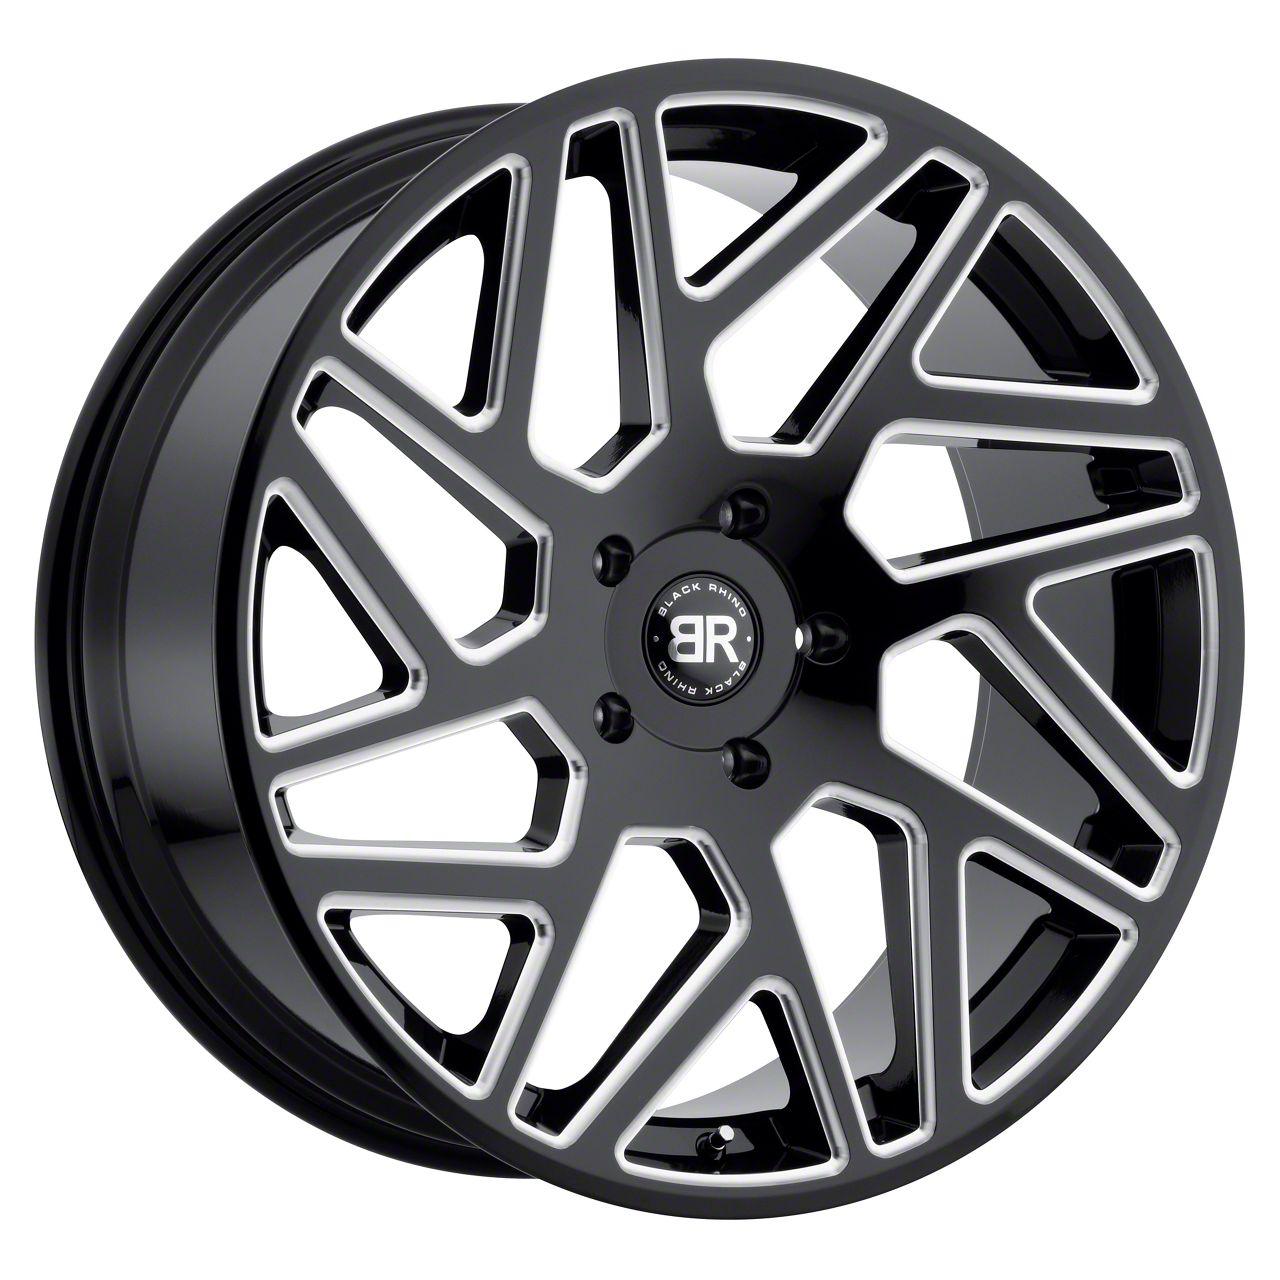 Black Rhino Cyclone Gloss Black Milled 6-Lug Wheel - 24x10 (99-19 Silverado 1500)